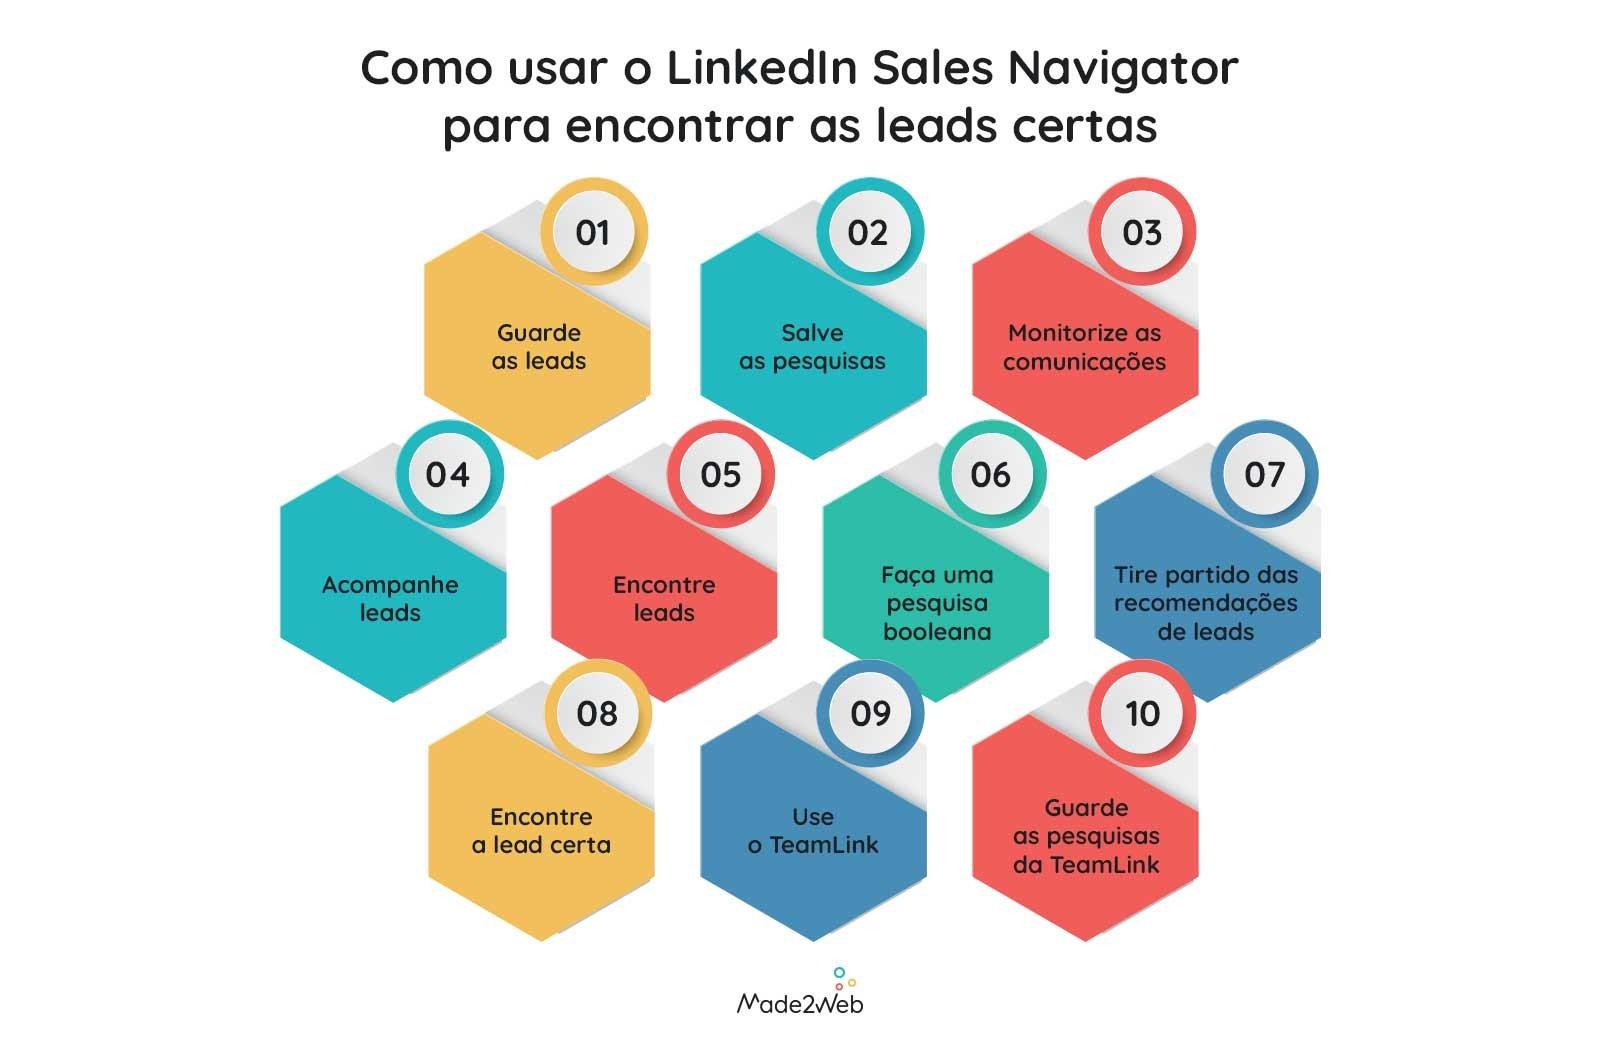 como-usar-o-linkedIn-sales-navigator-para-encontrar-as-leads-certas